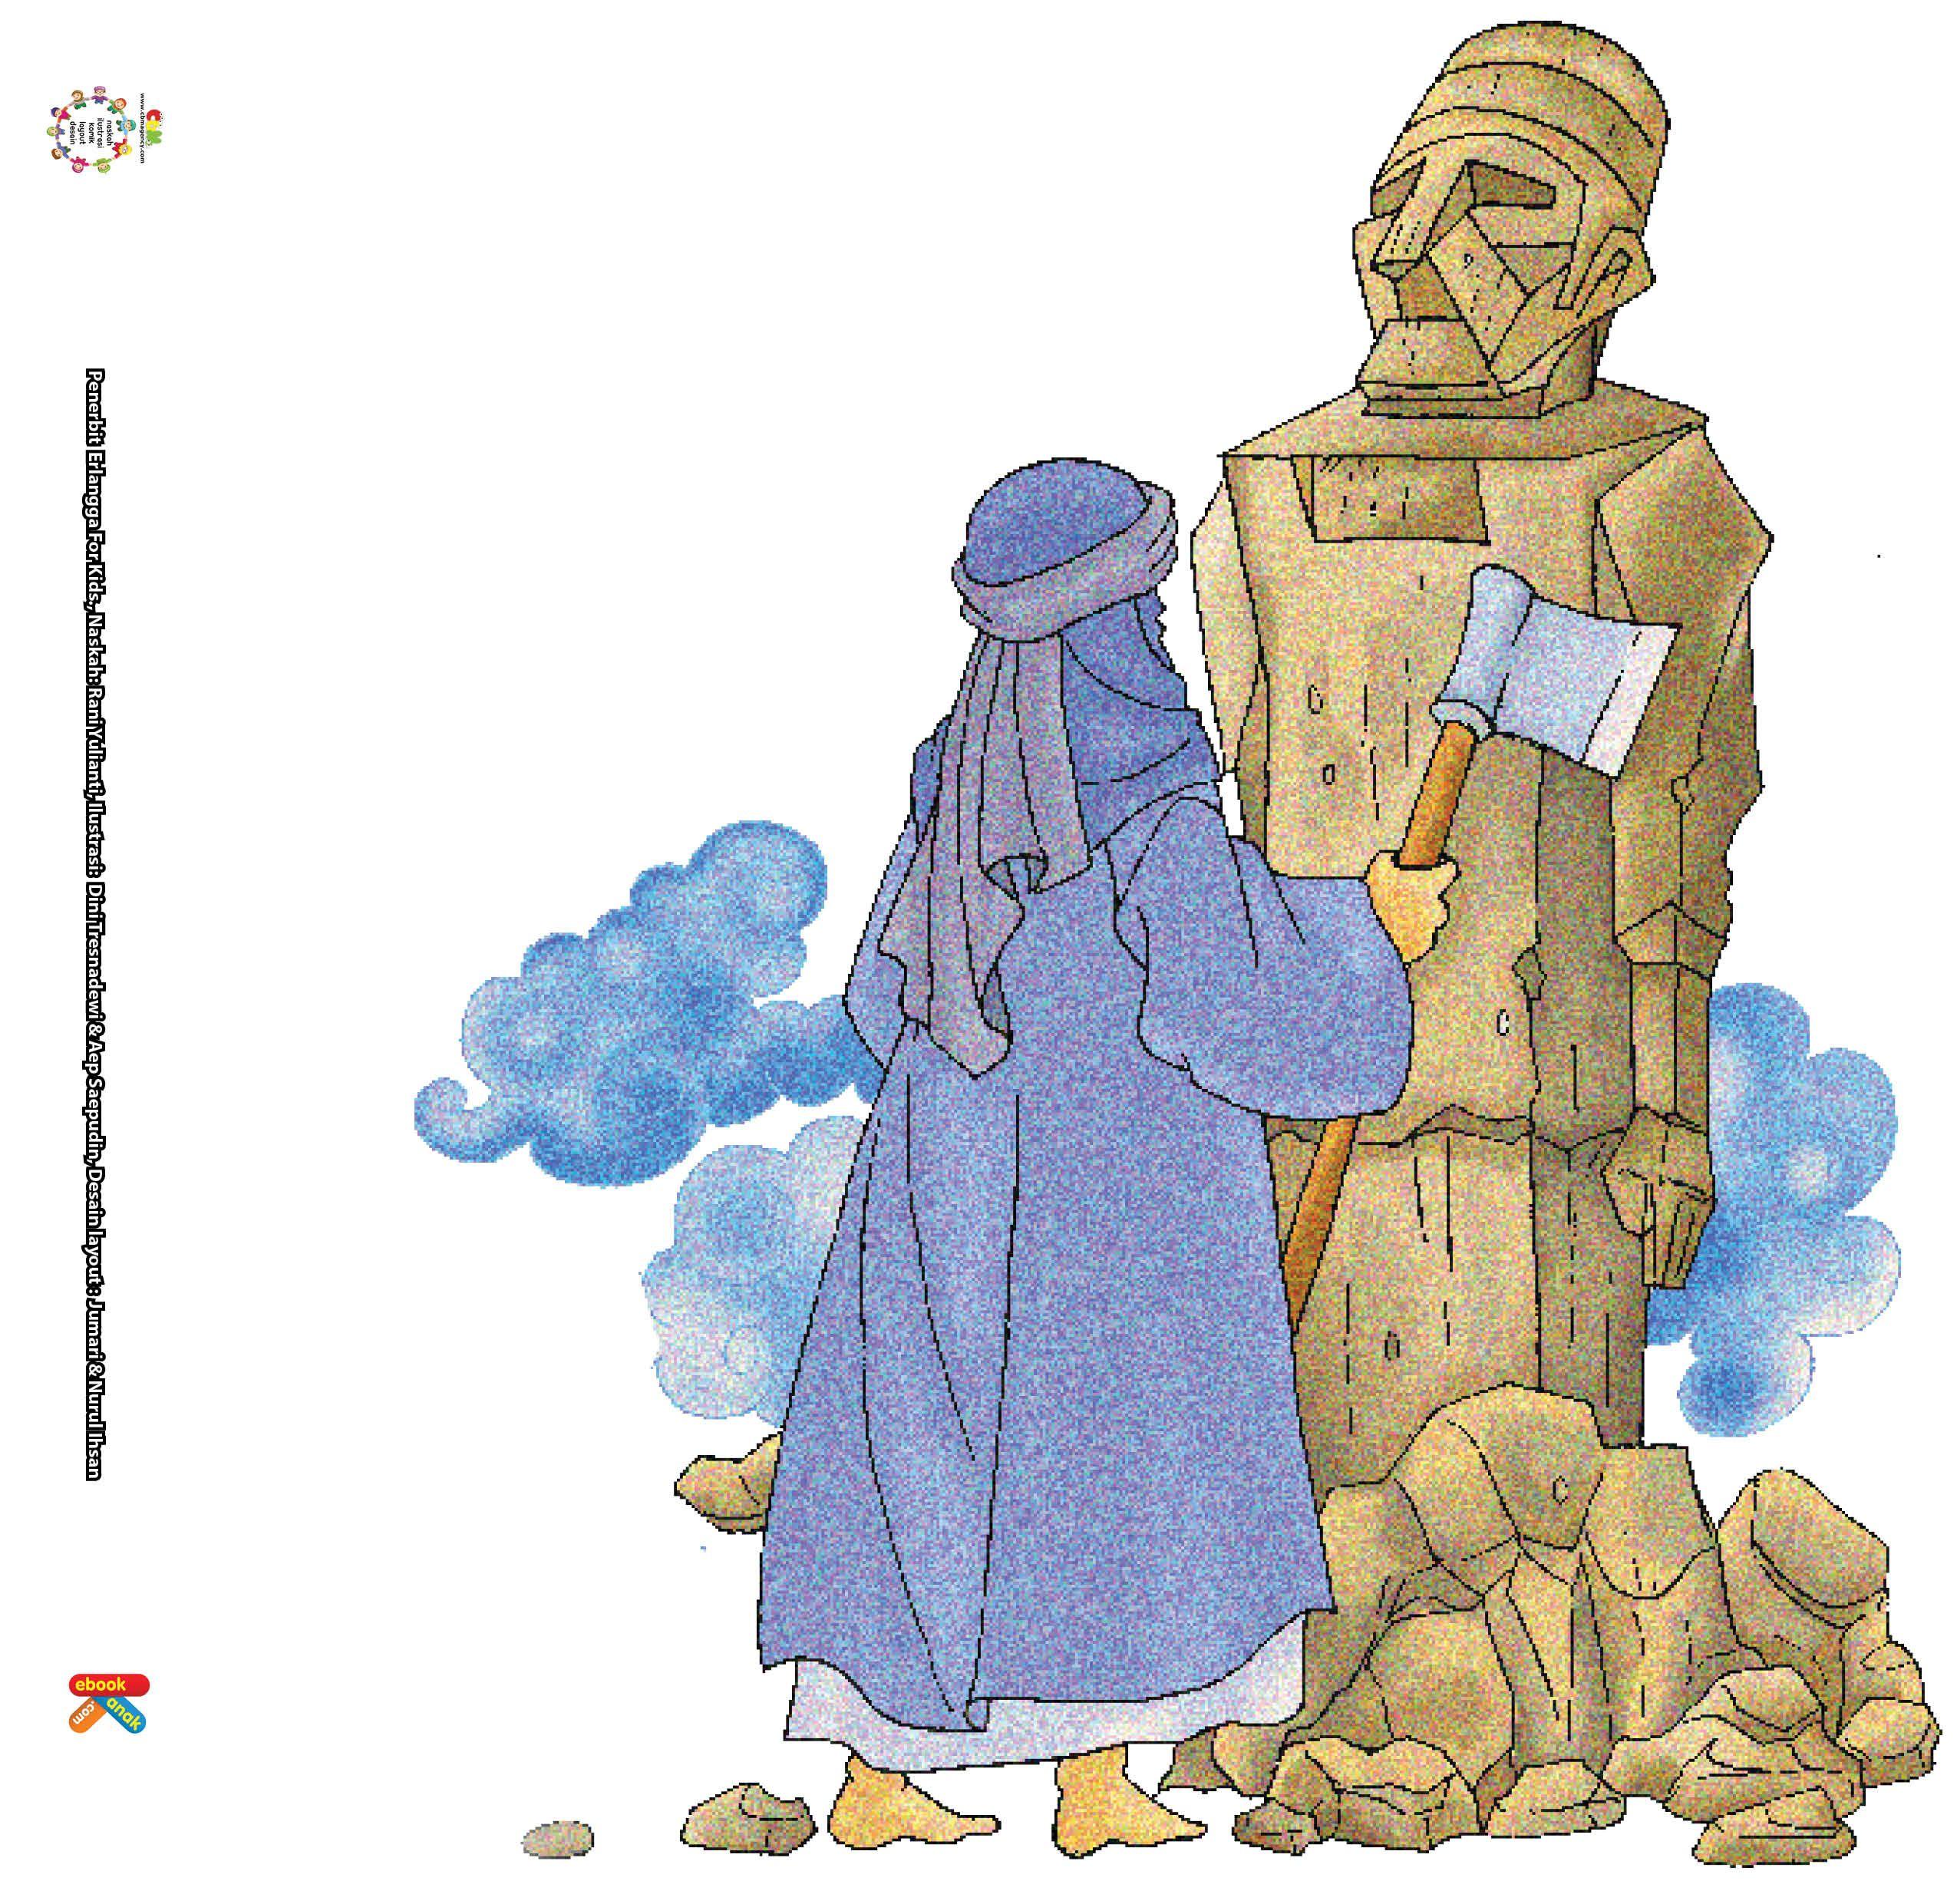 Nabi Ibrahim Menghancurkan Patung Patung Berhala Dengan